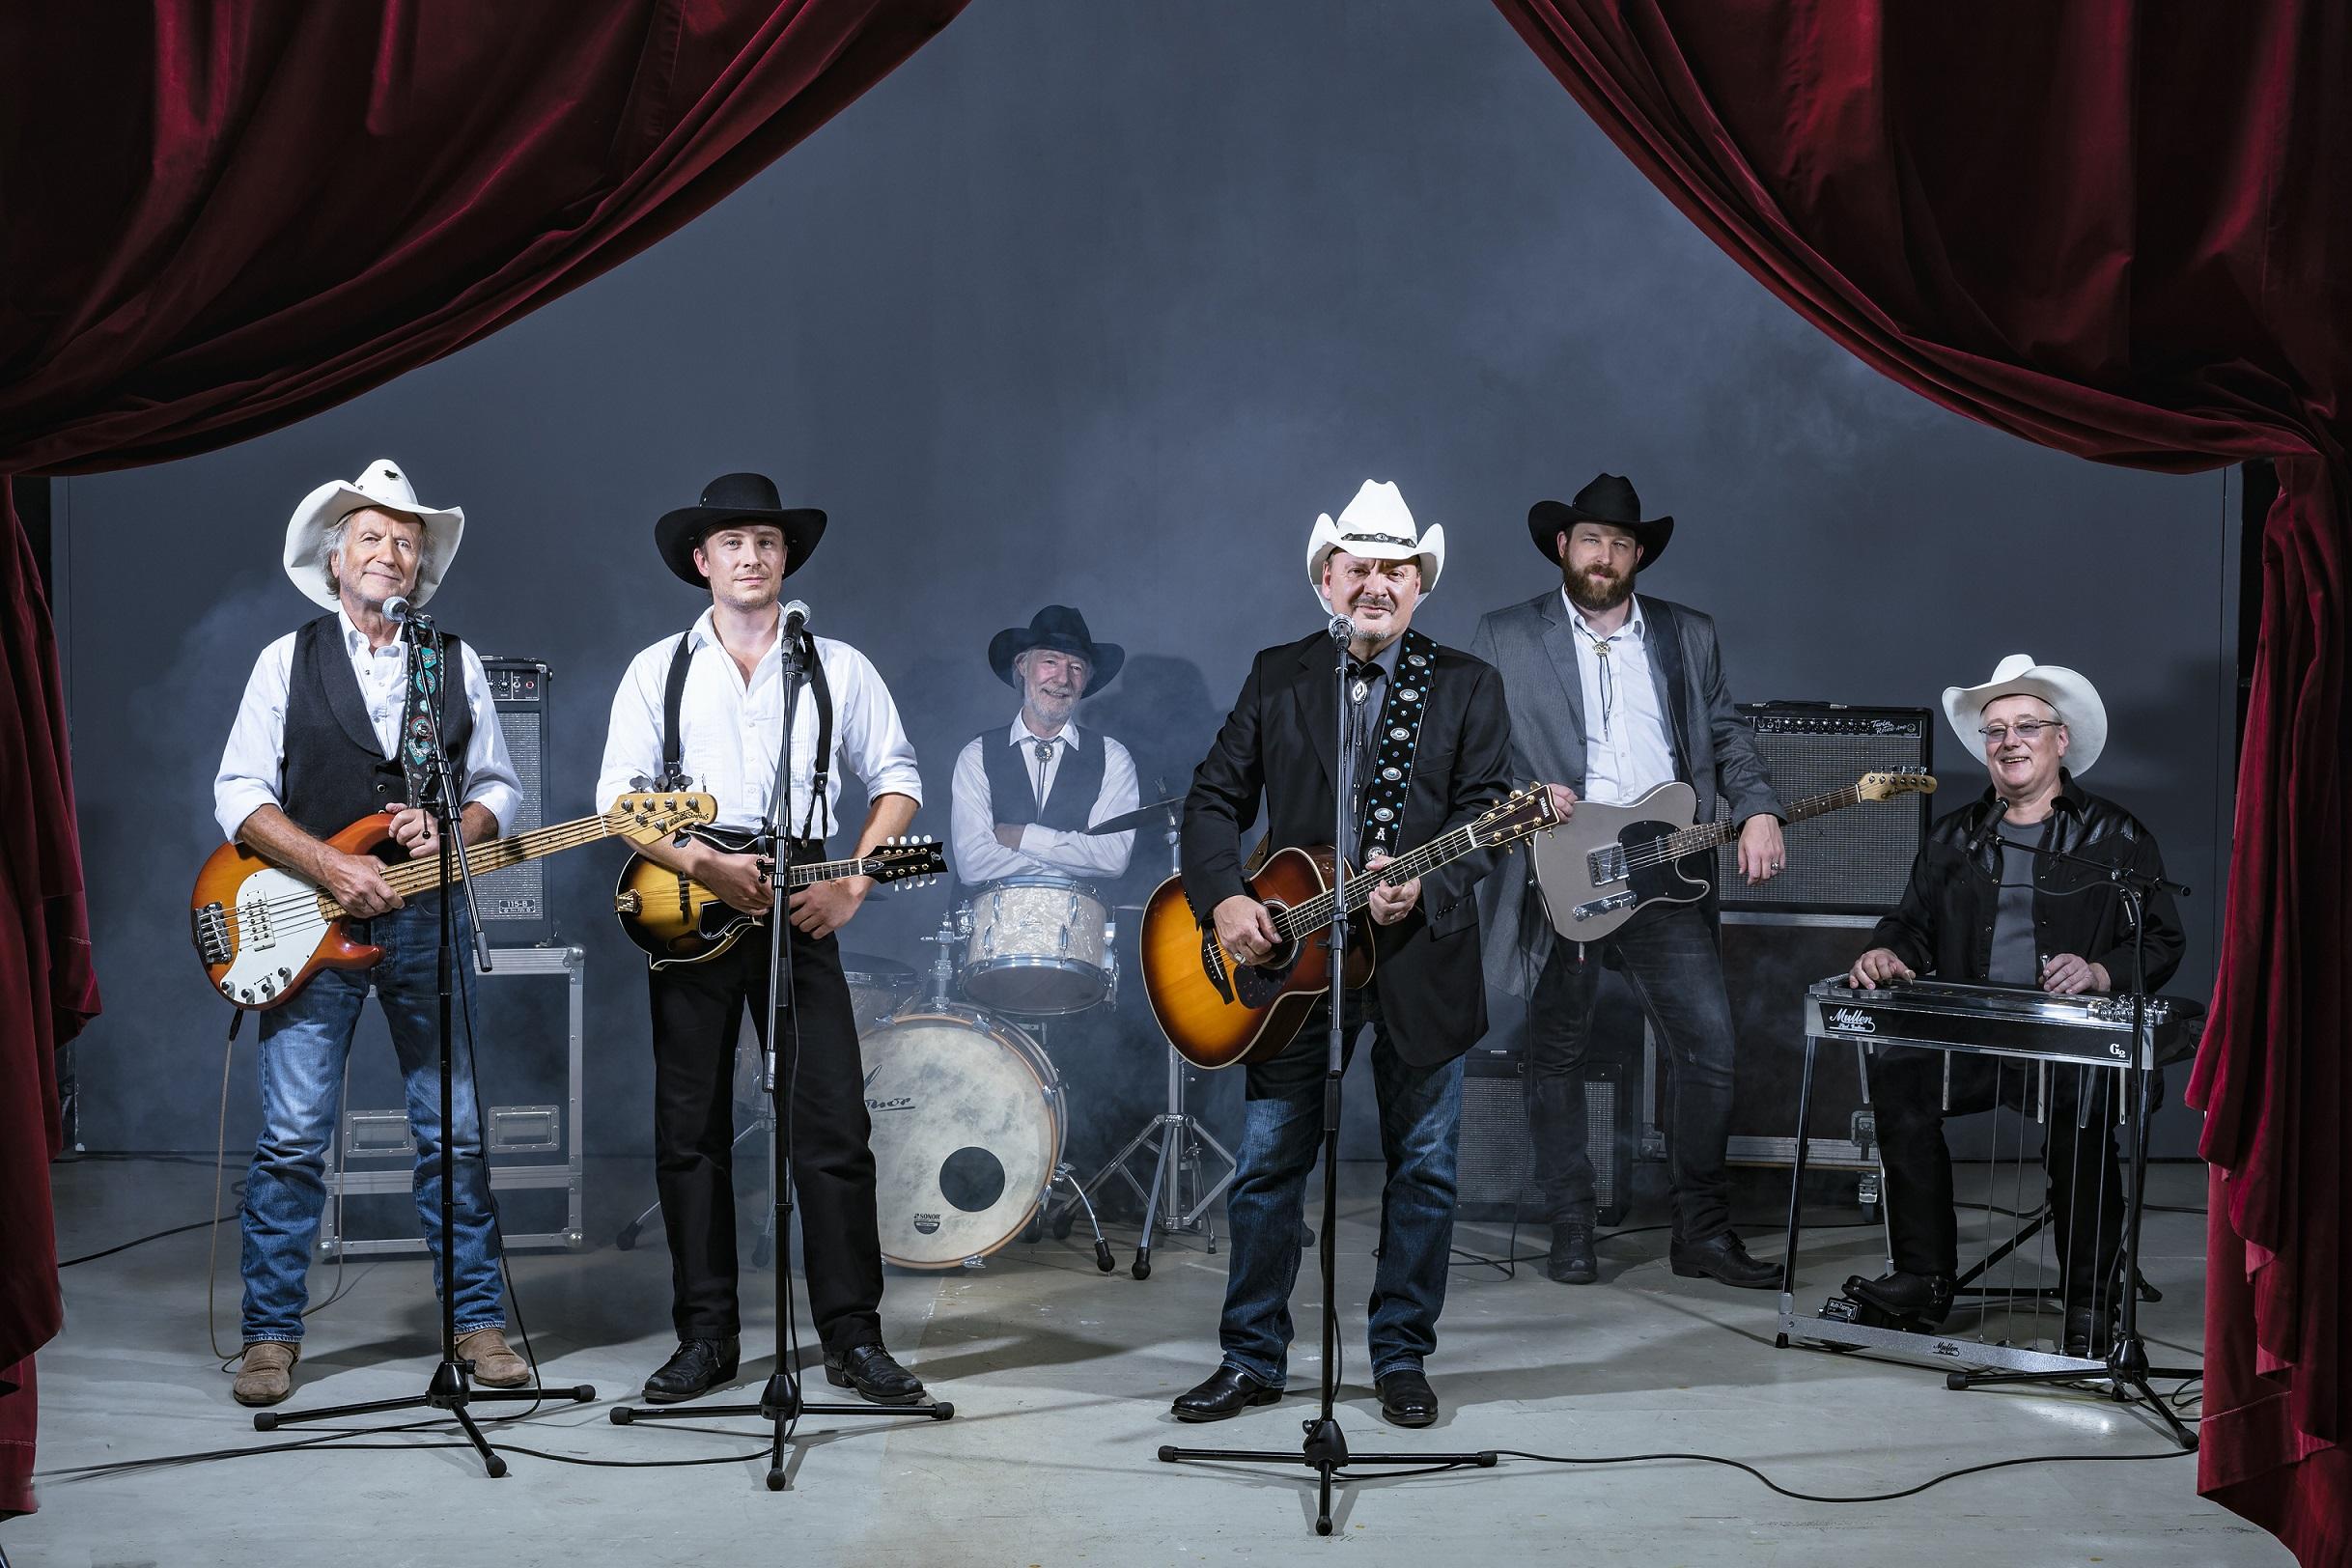 TRUCK STOP – Deutschlands erfolgreichste Country-Band spielt am 17.10.2020 ihr erstes Livestream-Konzert